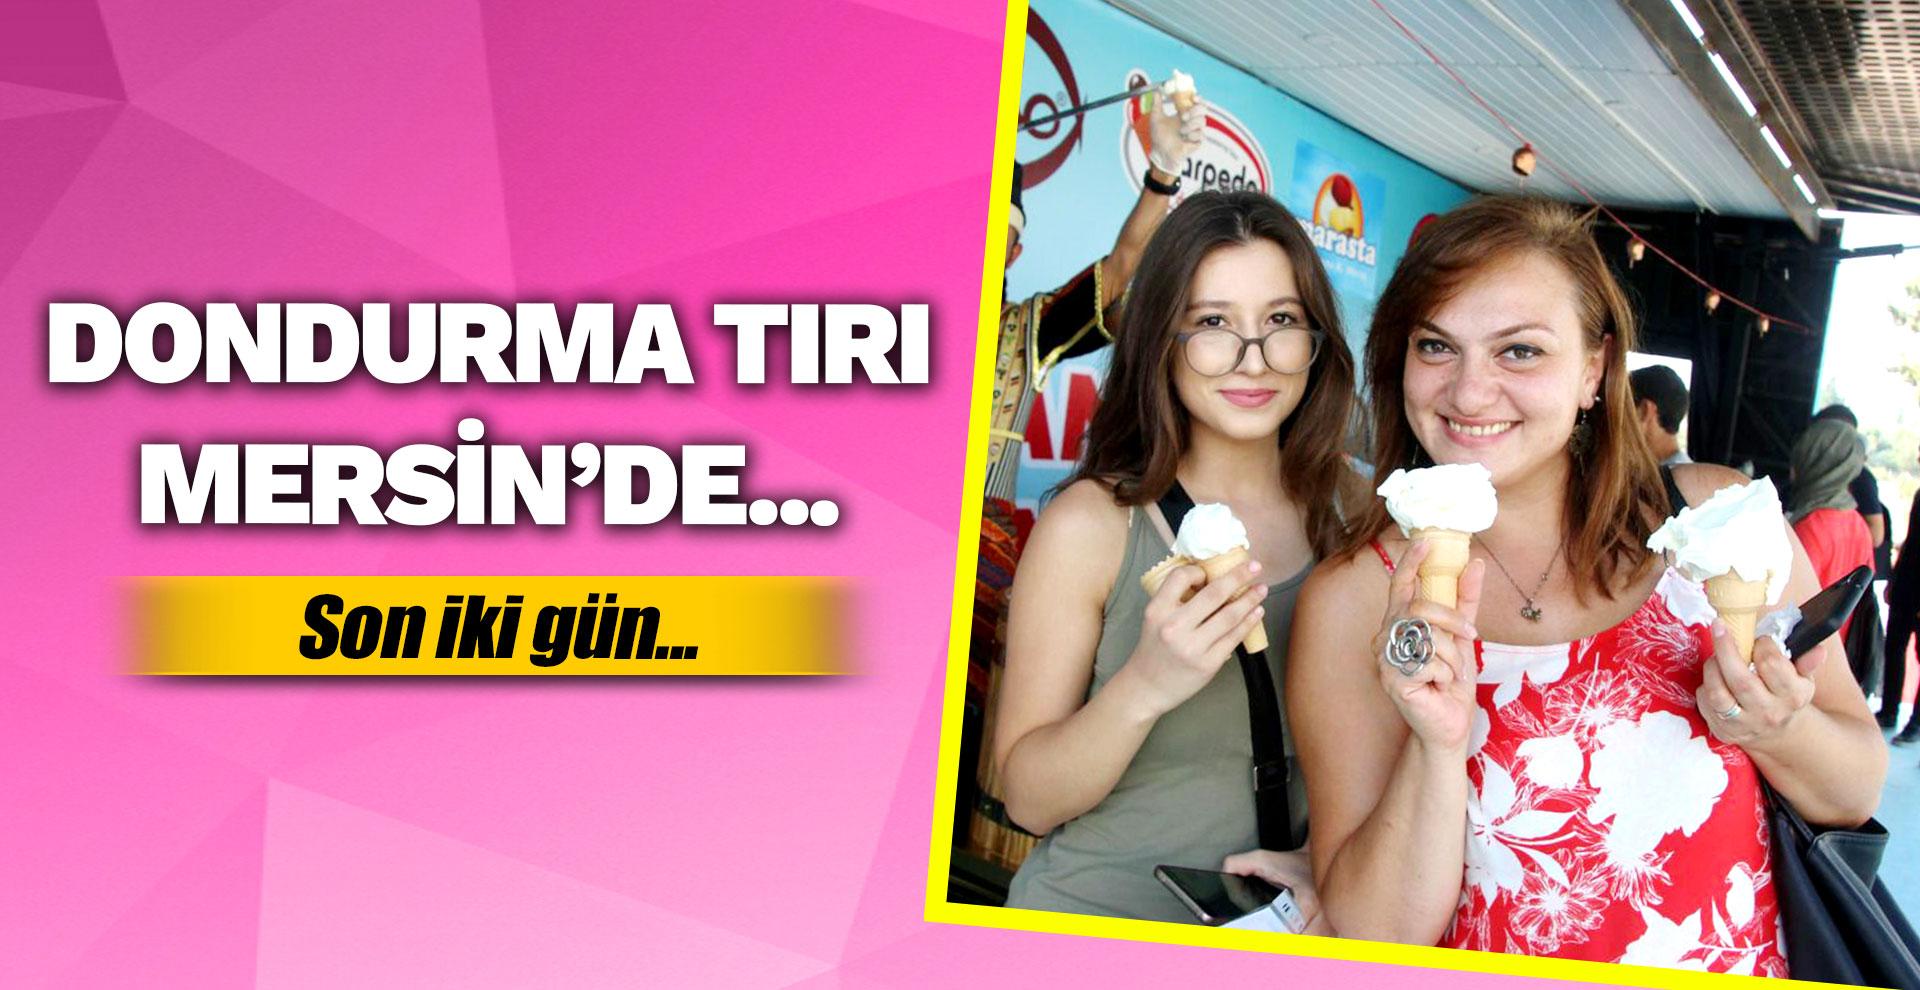 Dondurma Tırı Mersin'de... Son iki gün